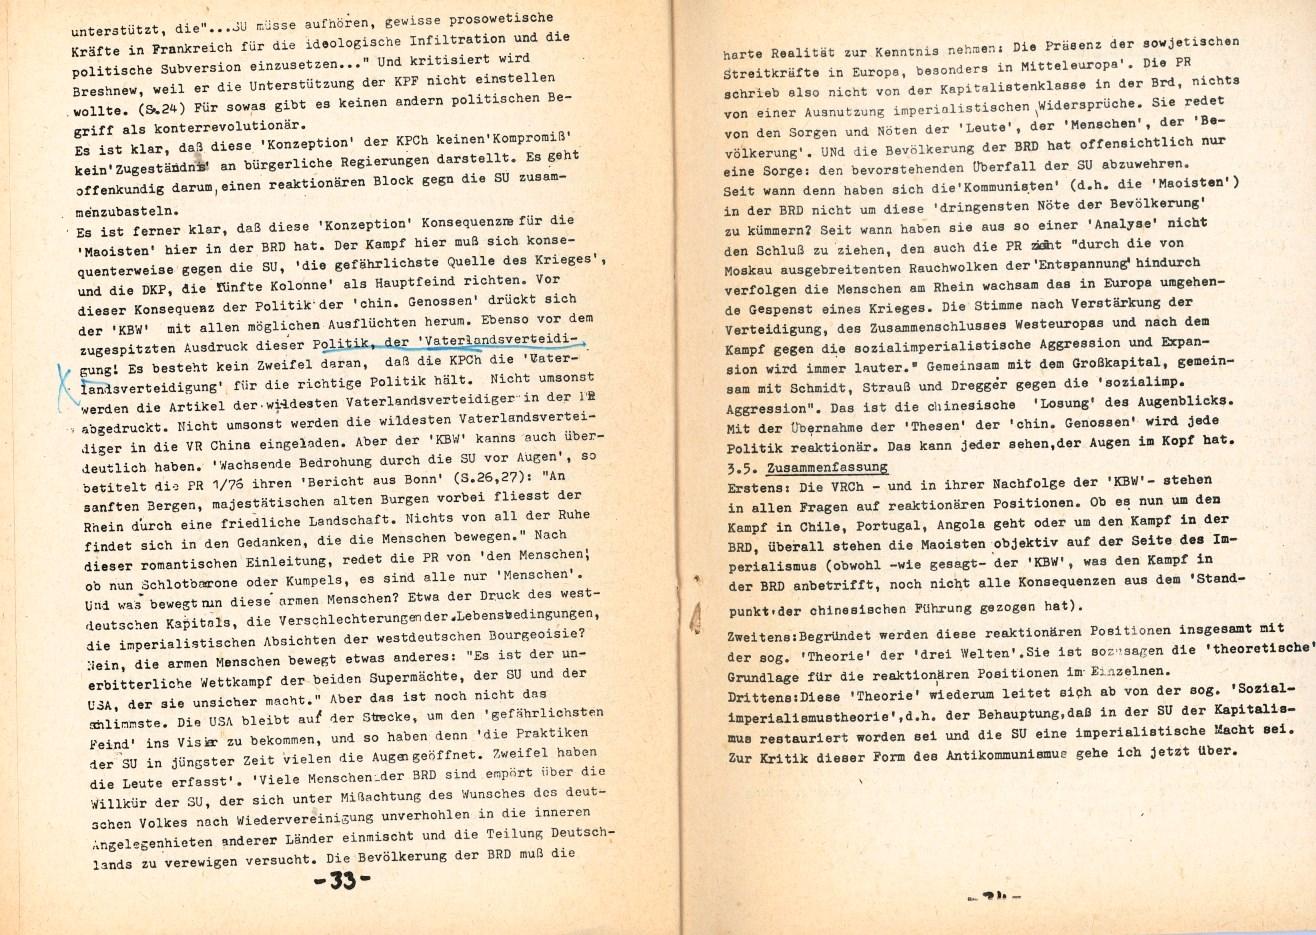 Giessen_MSB_1976_Der_KBW_eine_rechte_Organisation_19